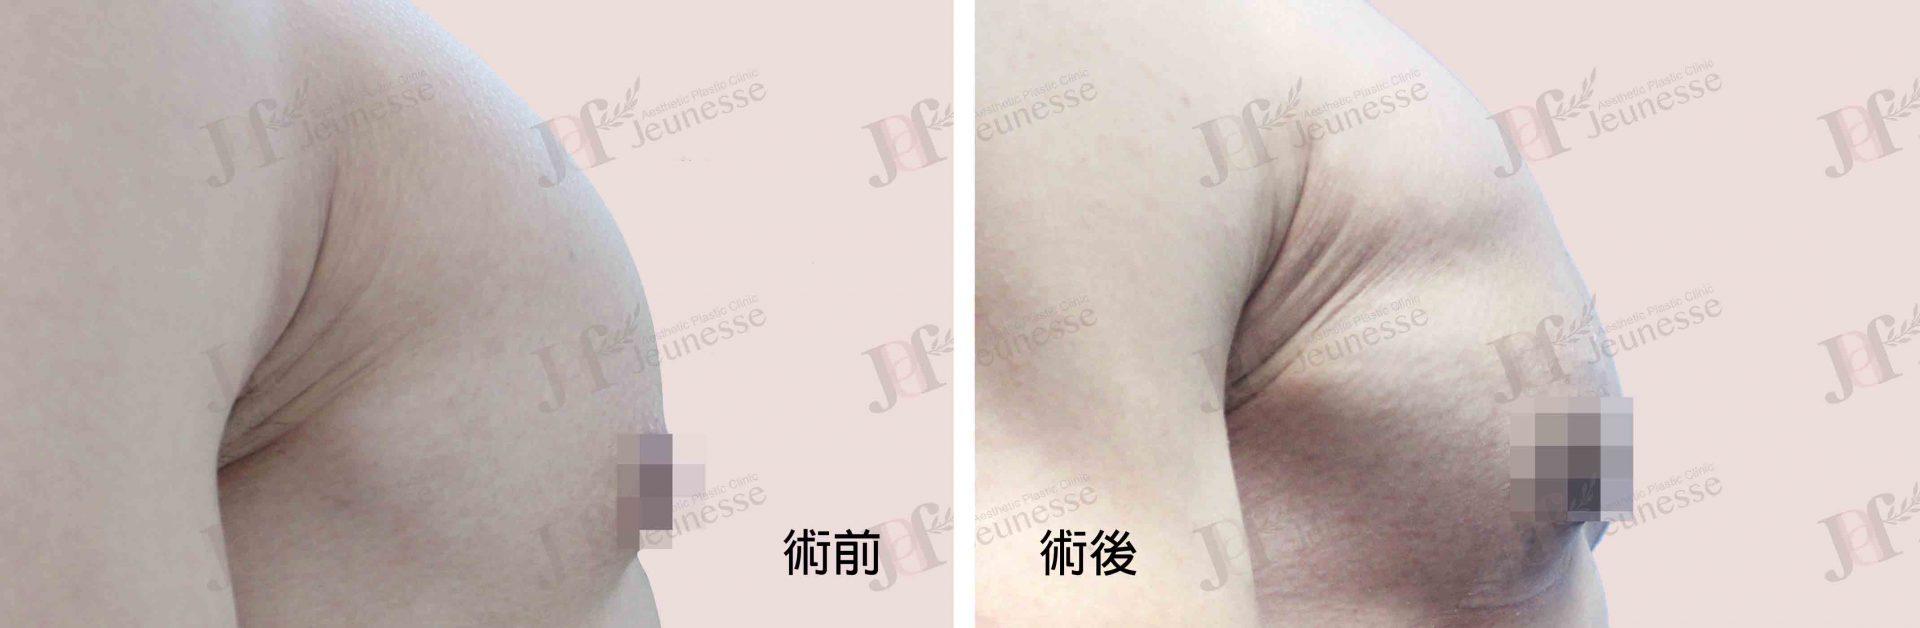 女乳症case1 側面-浮水印